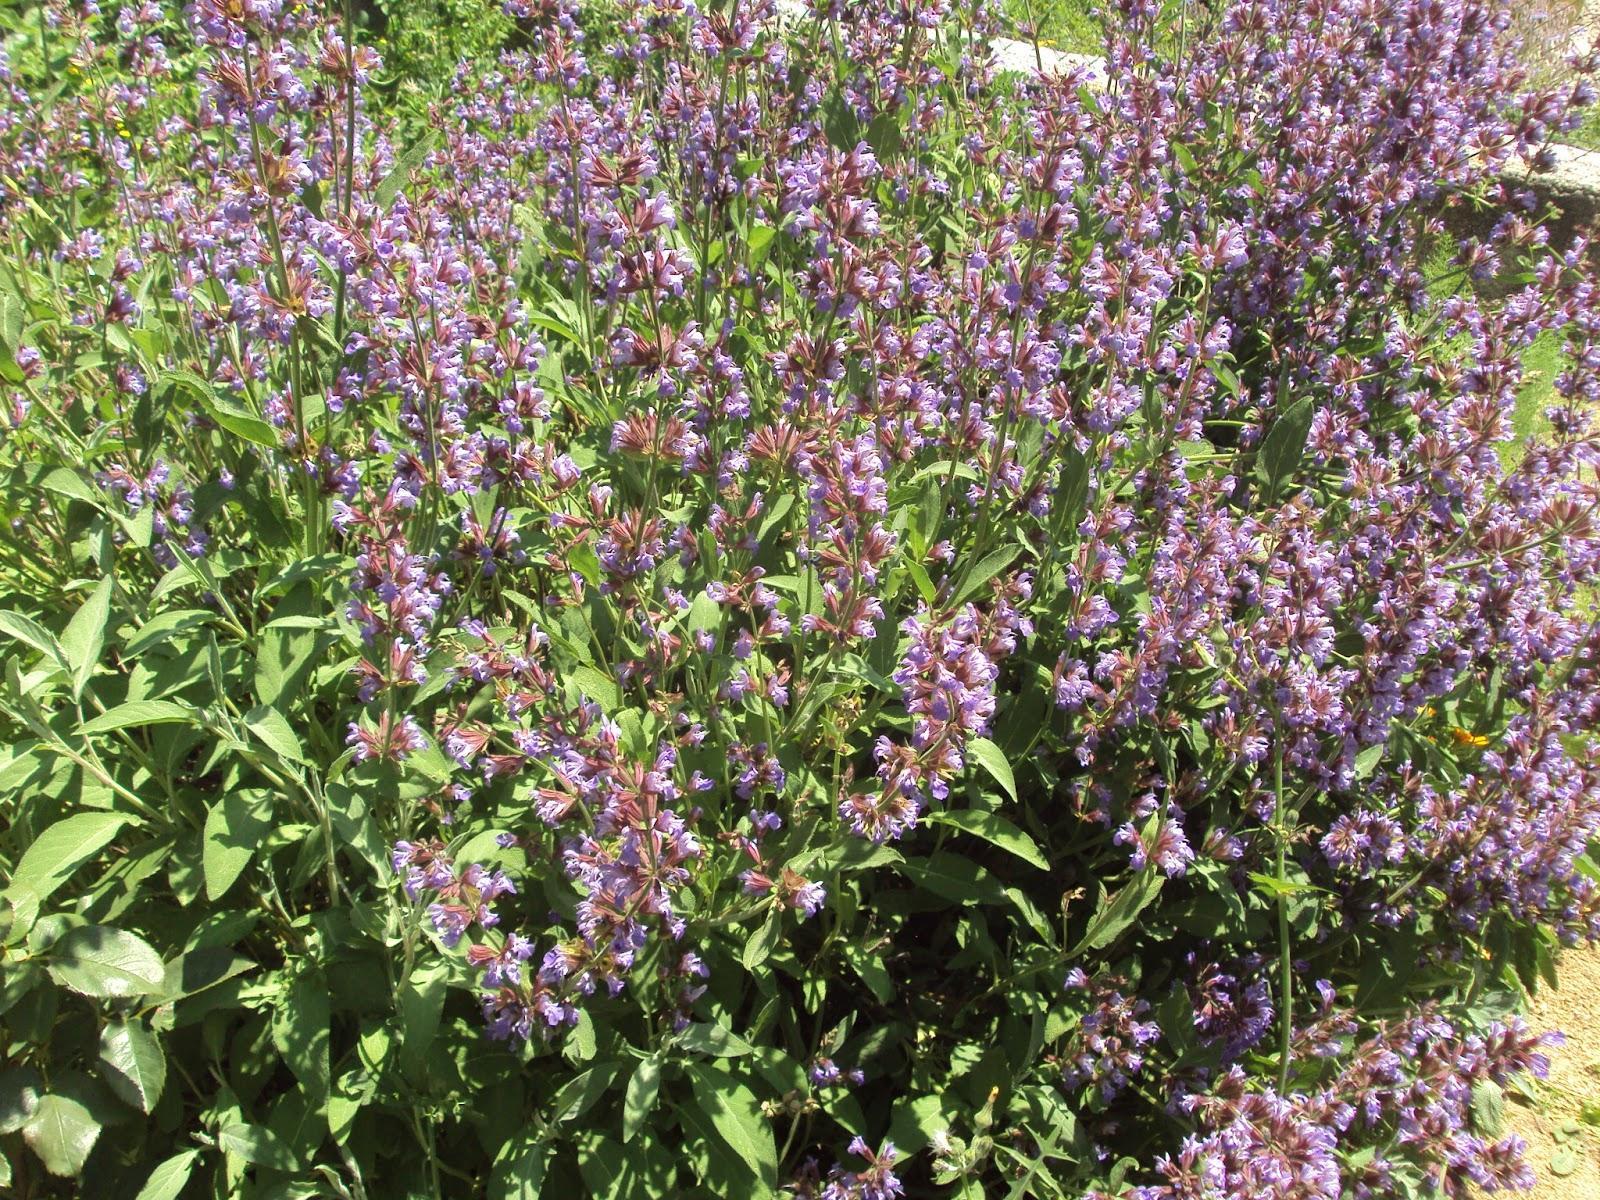 Gu a de plantas arom ticas culinarias y medicinales en el for Tipos de plantas aromaticas